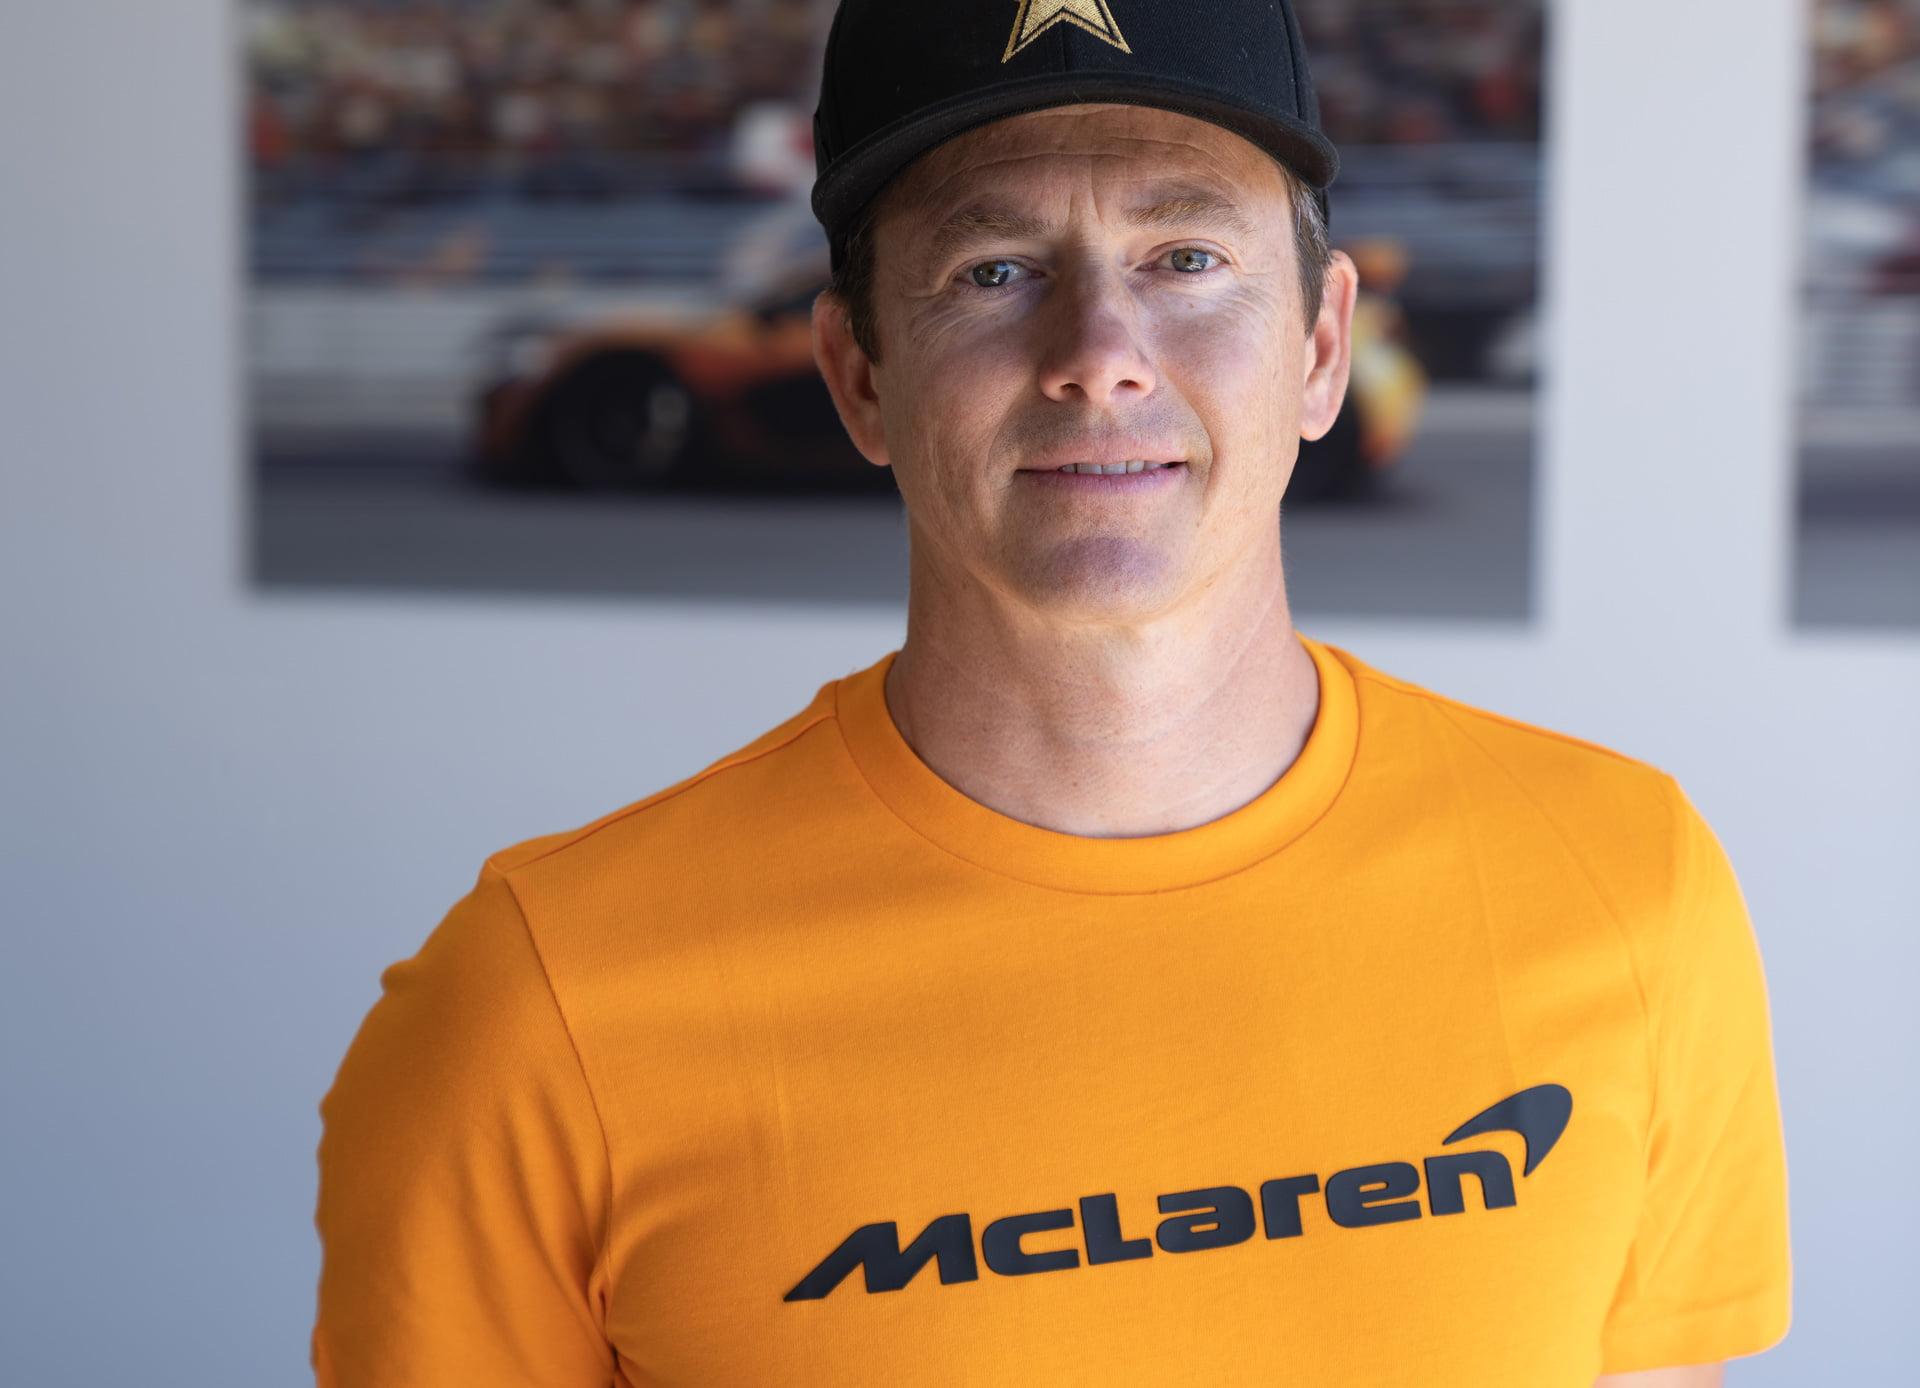 Tanner Foust es el piloto elegido por McLaren para su próxima participación en el Campeonato Extreme E 2022.